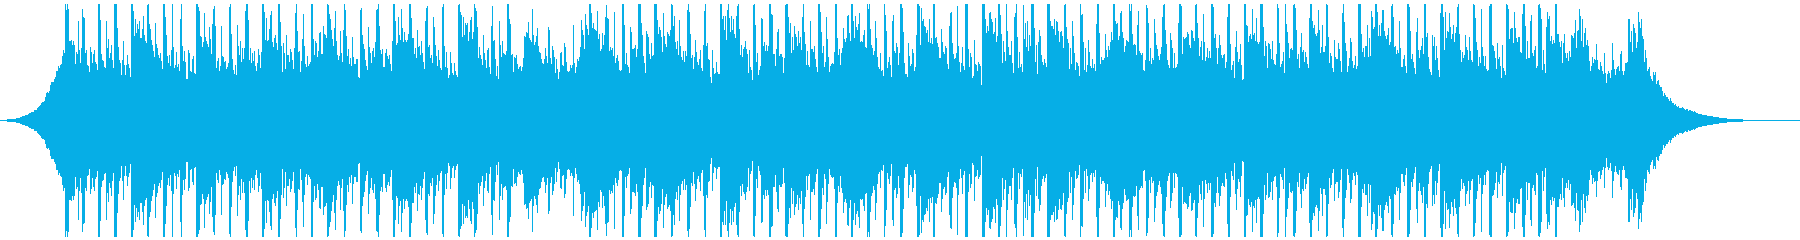 アーキテクチャ(55秒)の再生済みの波形